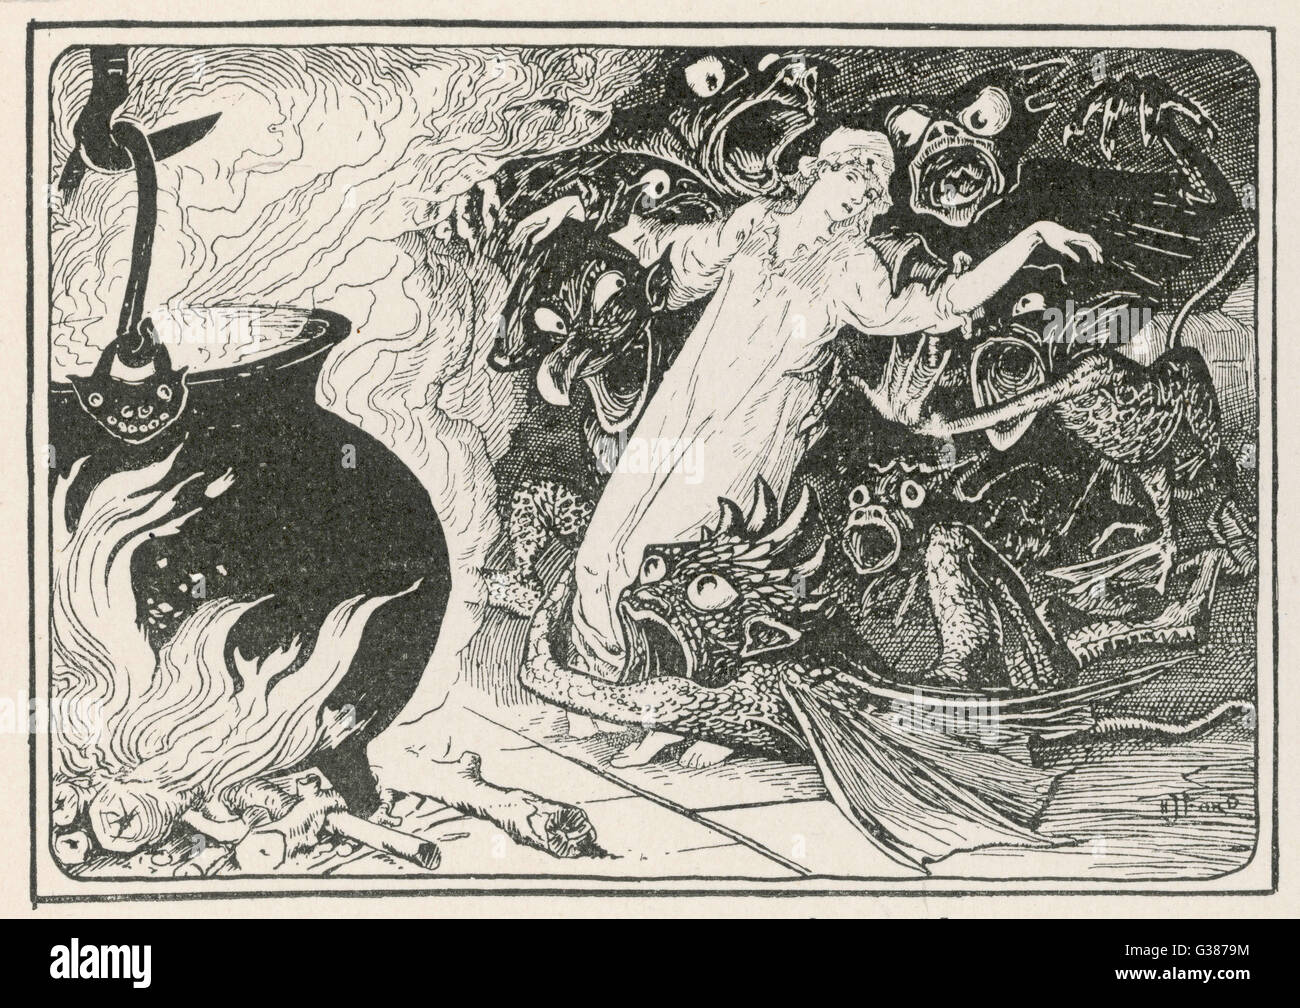 Gli spiriti malvagi trascina la ragazza nel calderone. (Polacco storia). Immagini Stock